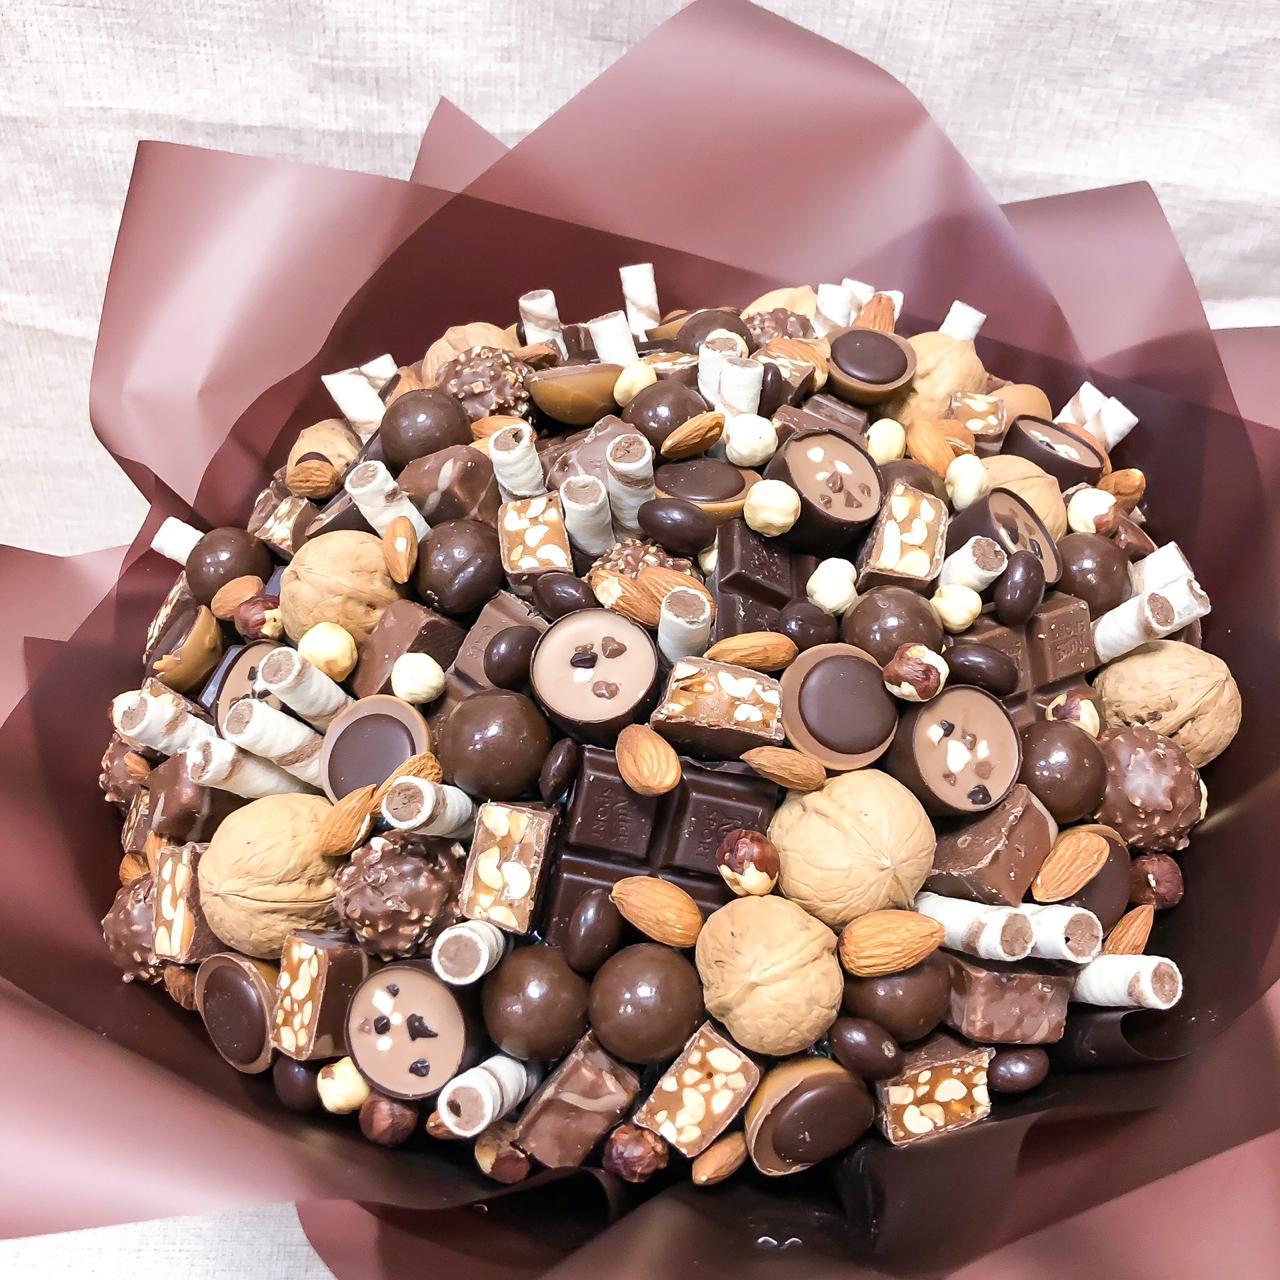 картинки с цветами и шоколадками обеспечивает прием